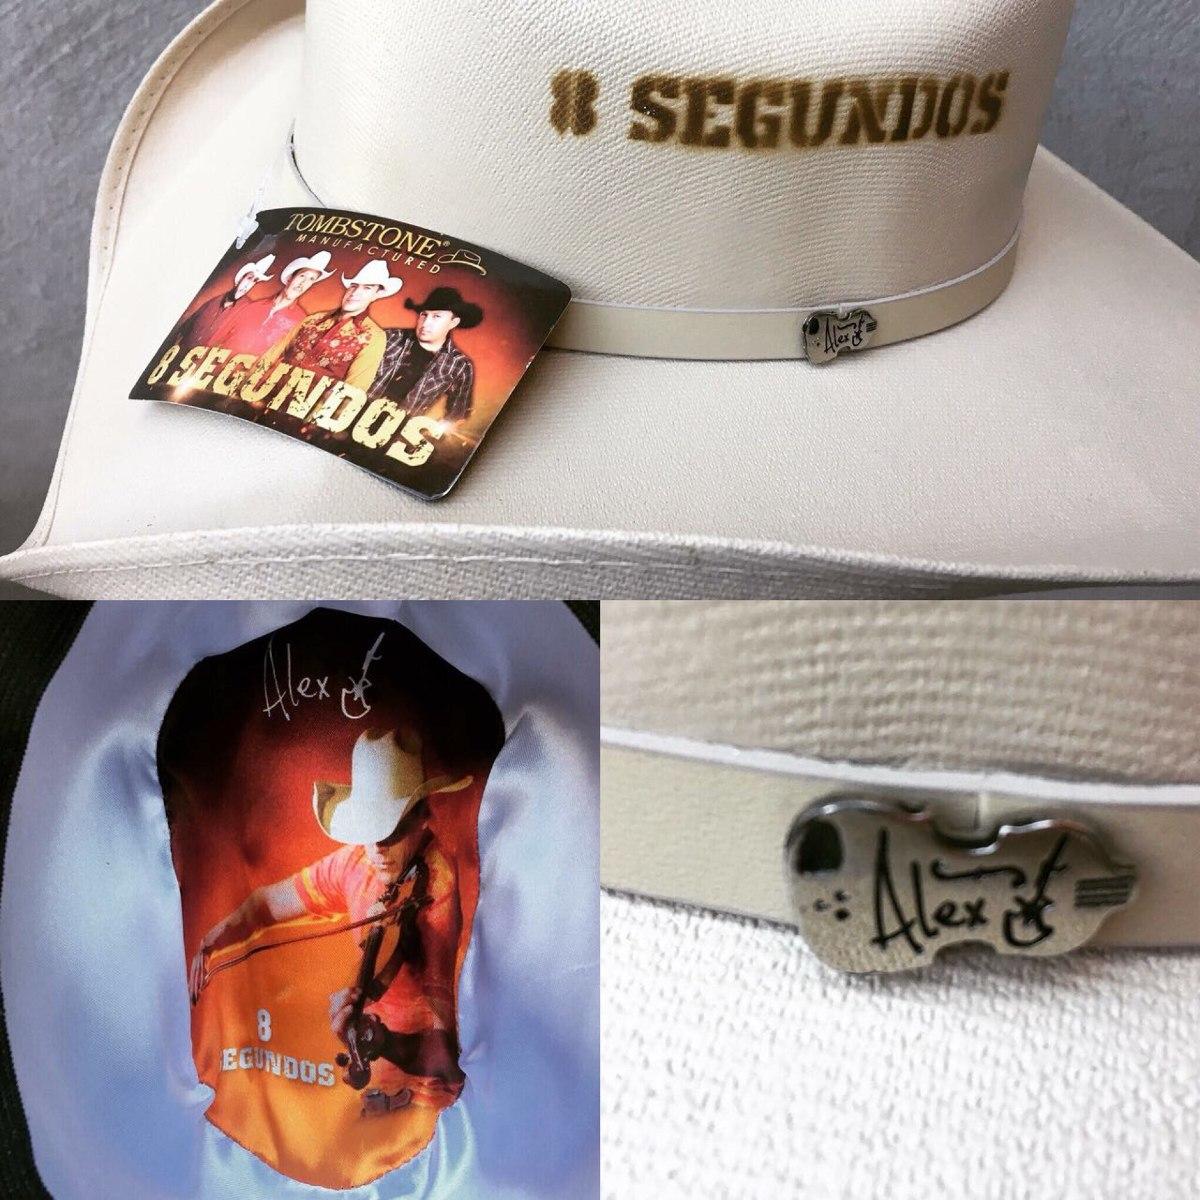 Sombrero Vaquero 8 Segundos -   600.00 en Mercado Libre 854ace5be04